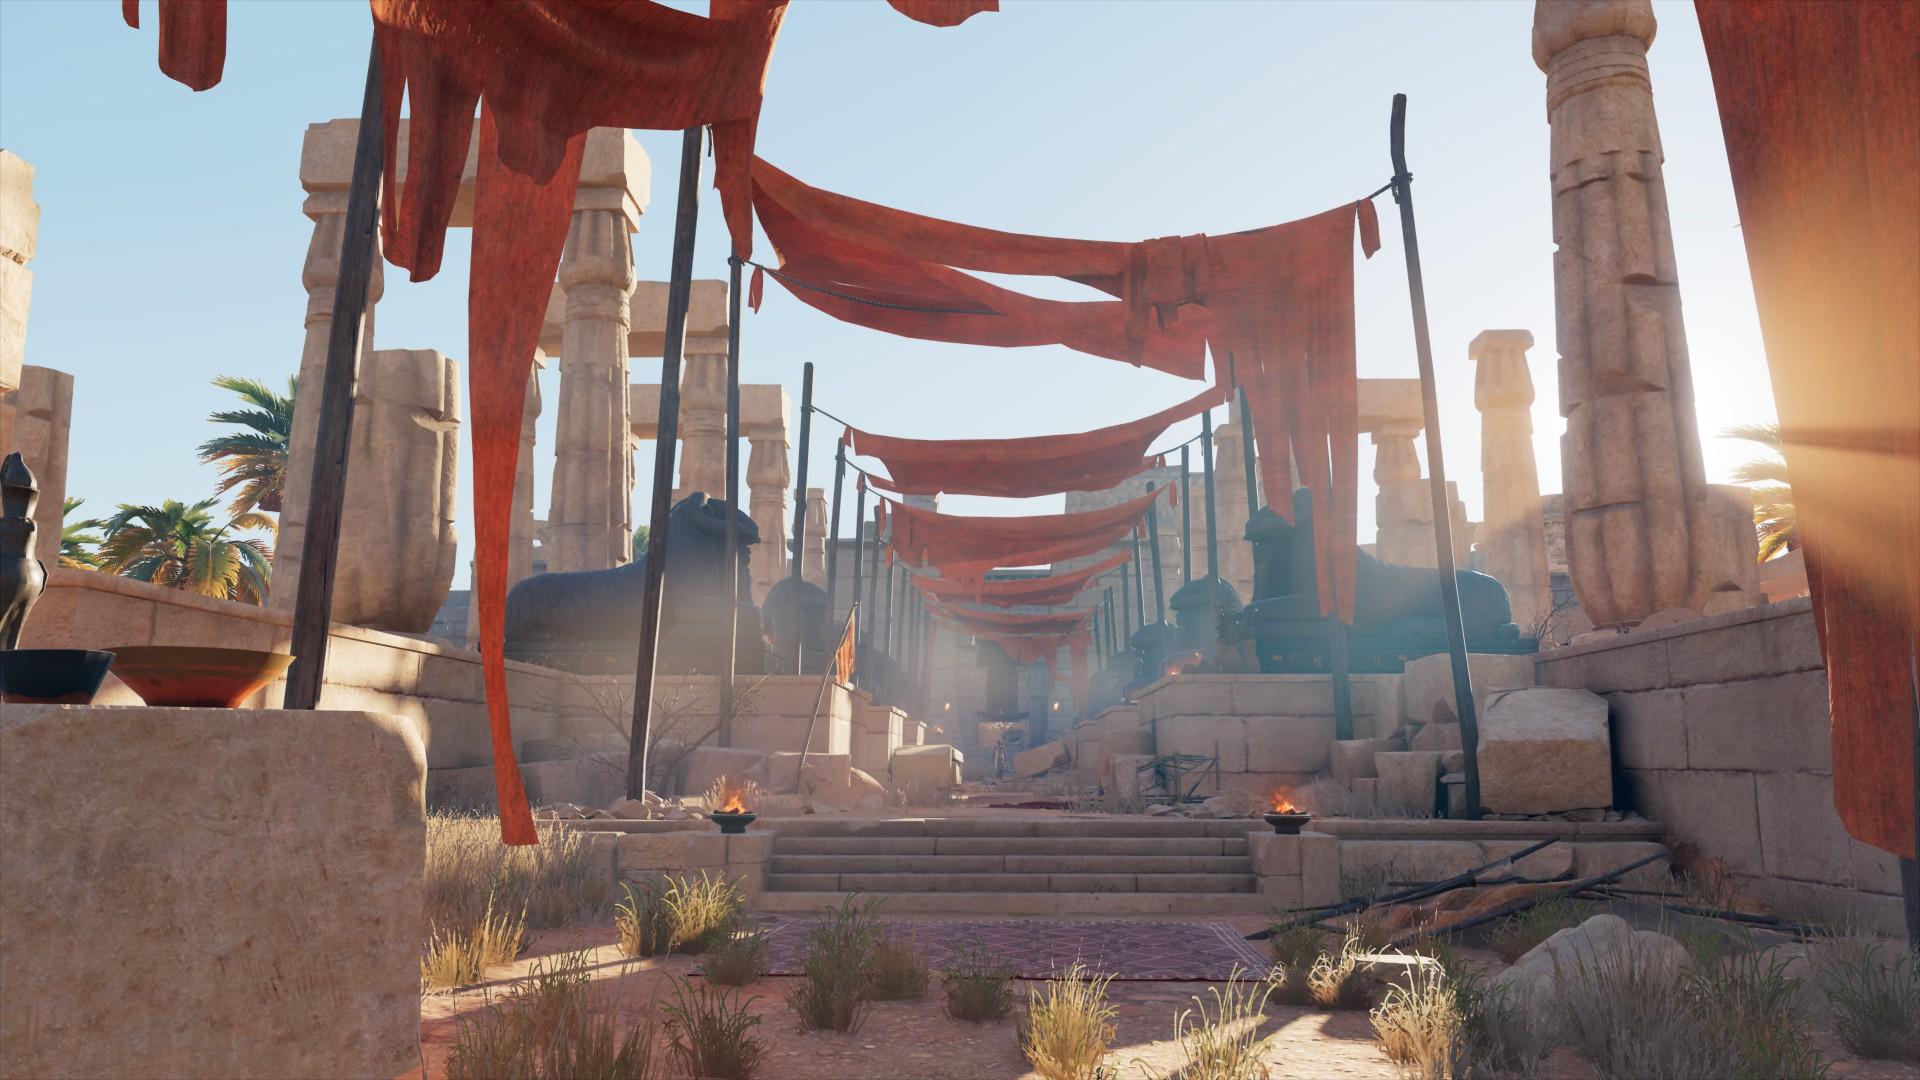 20171101211120_1.jpg - Assassin's Creed: Origins